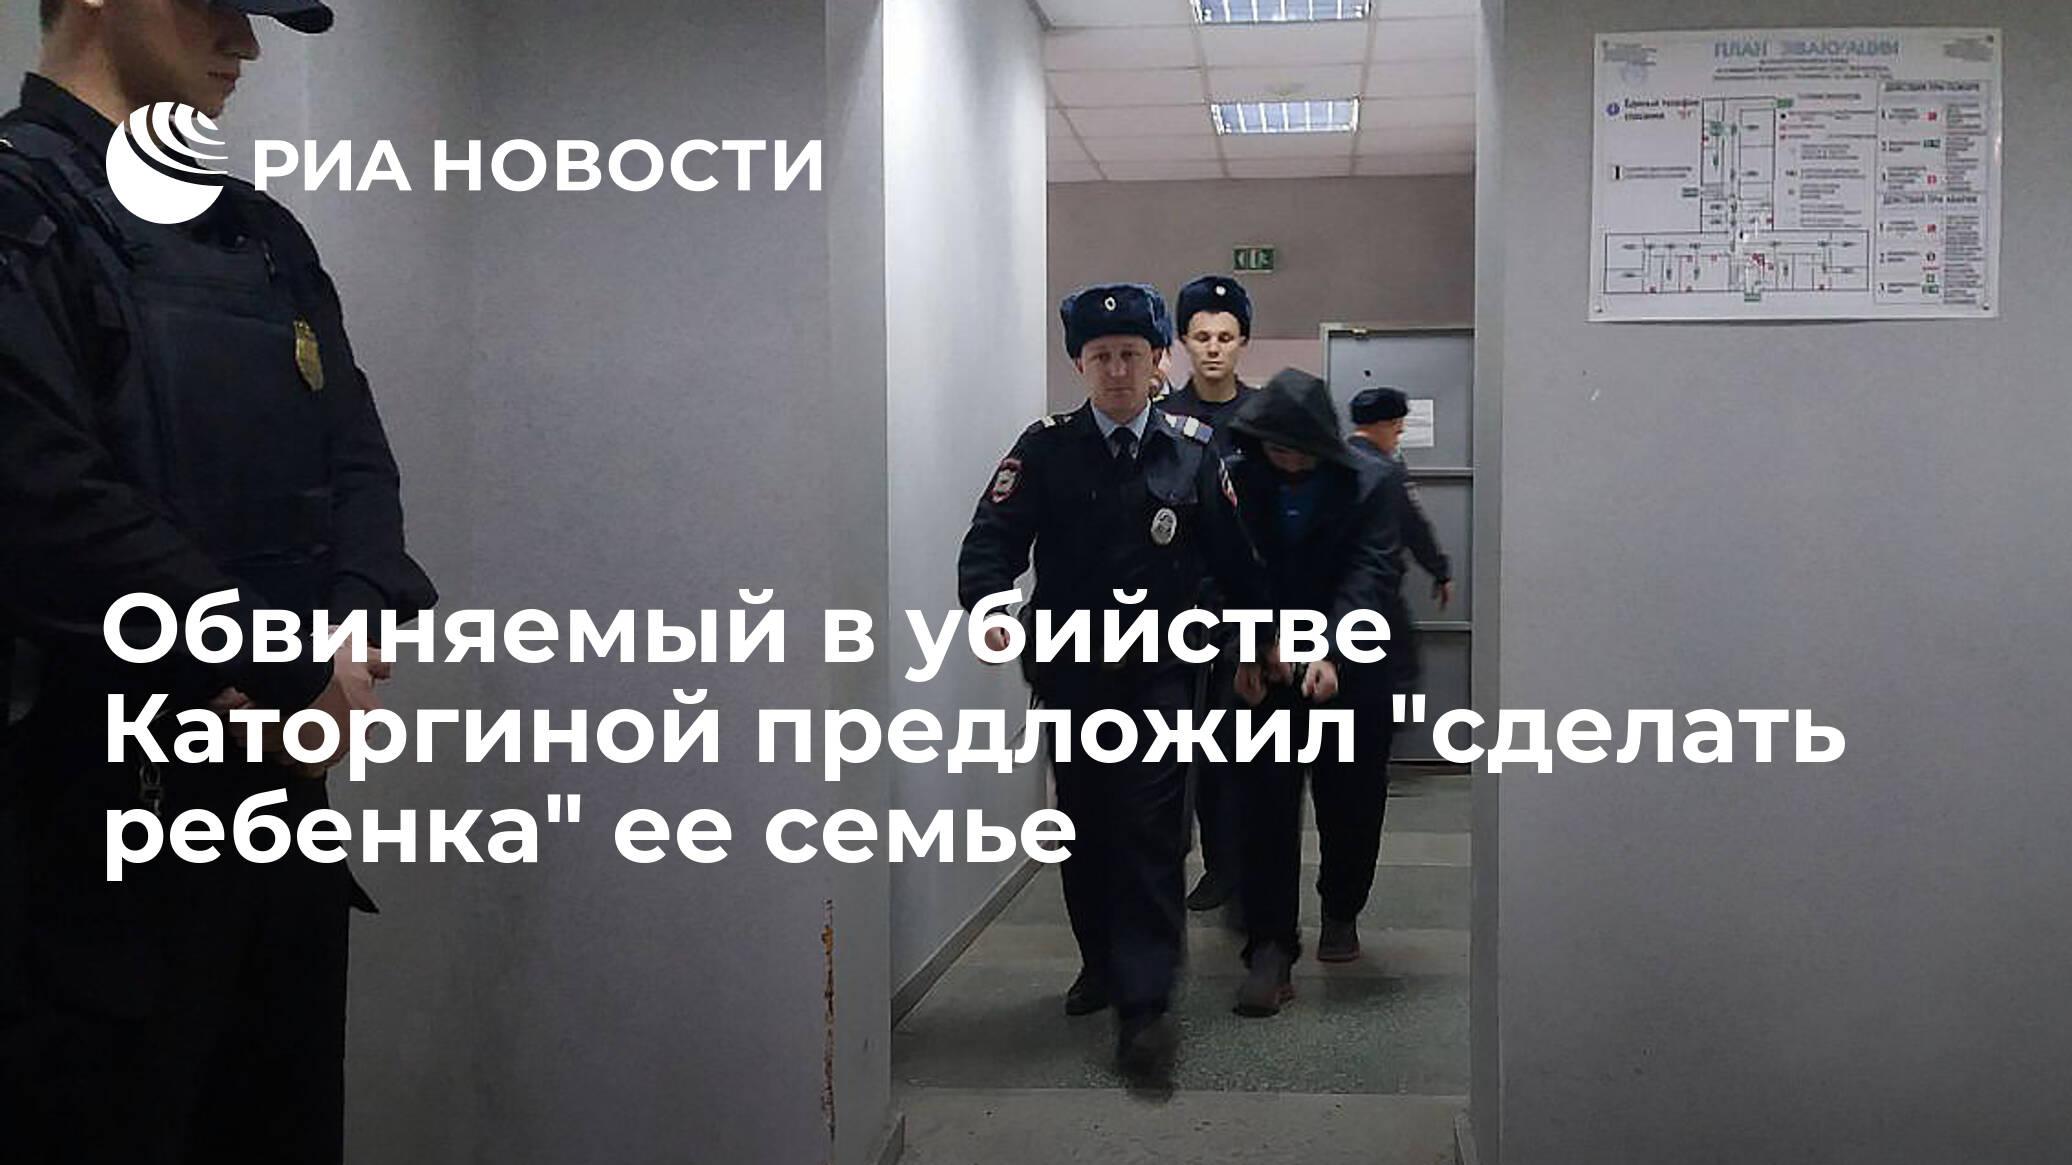 Обвиняемый в убийстве Каторгиной предложил